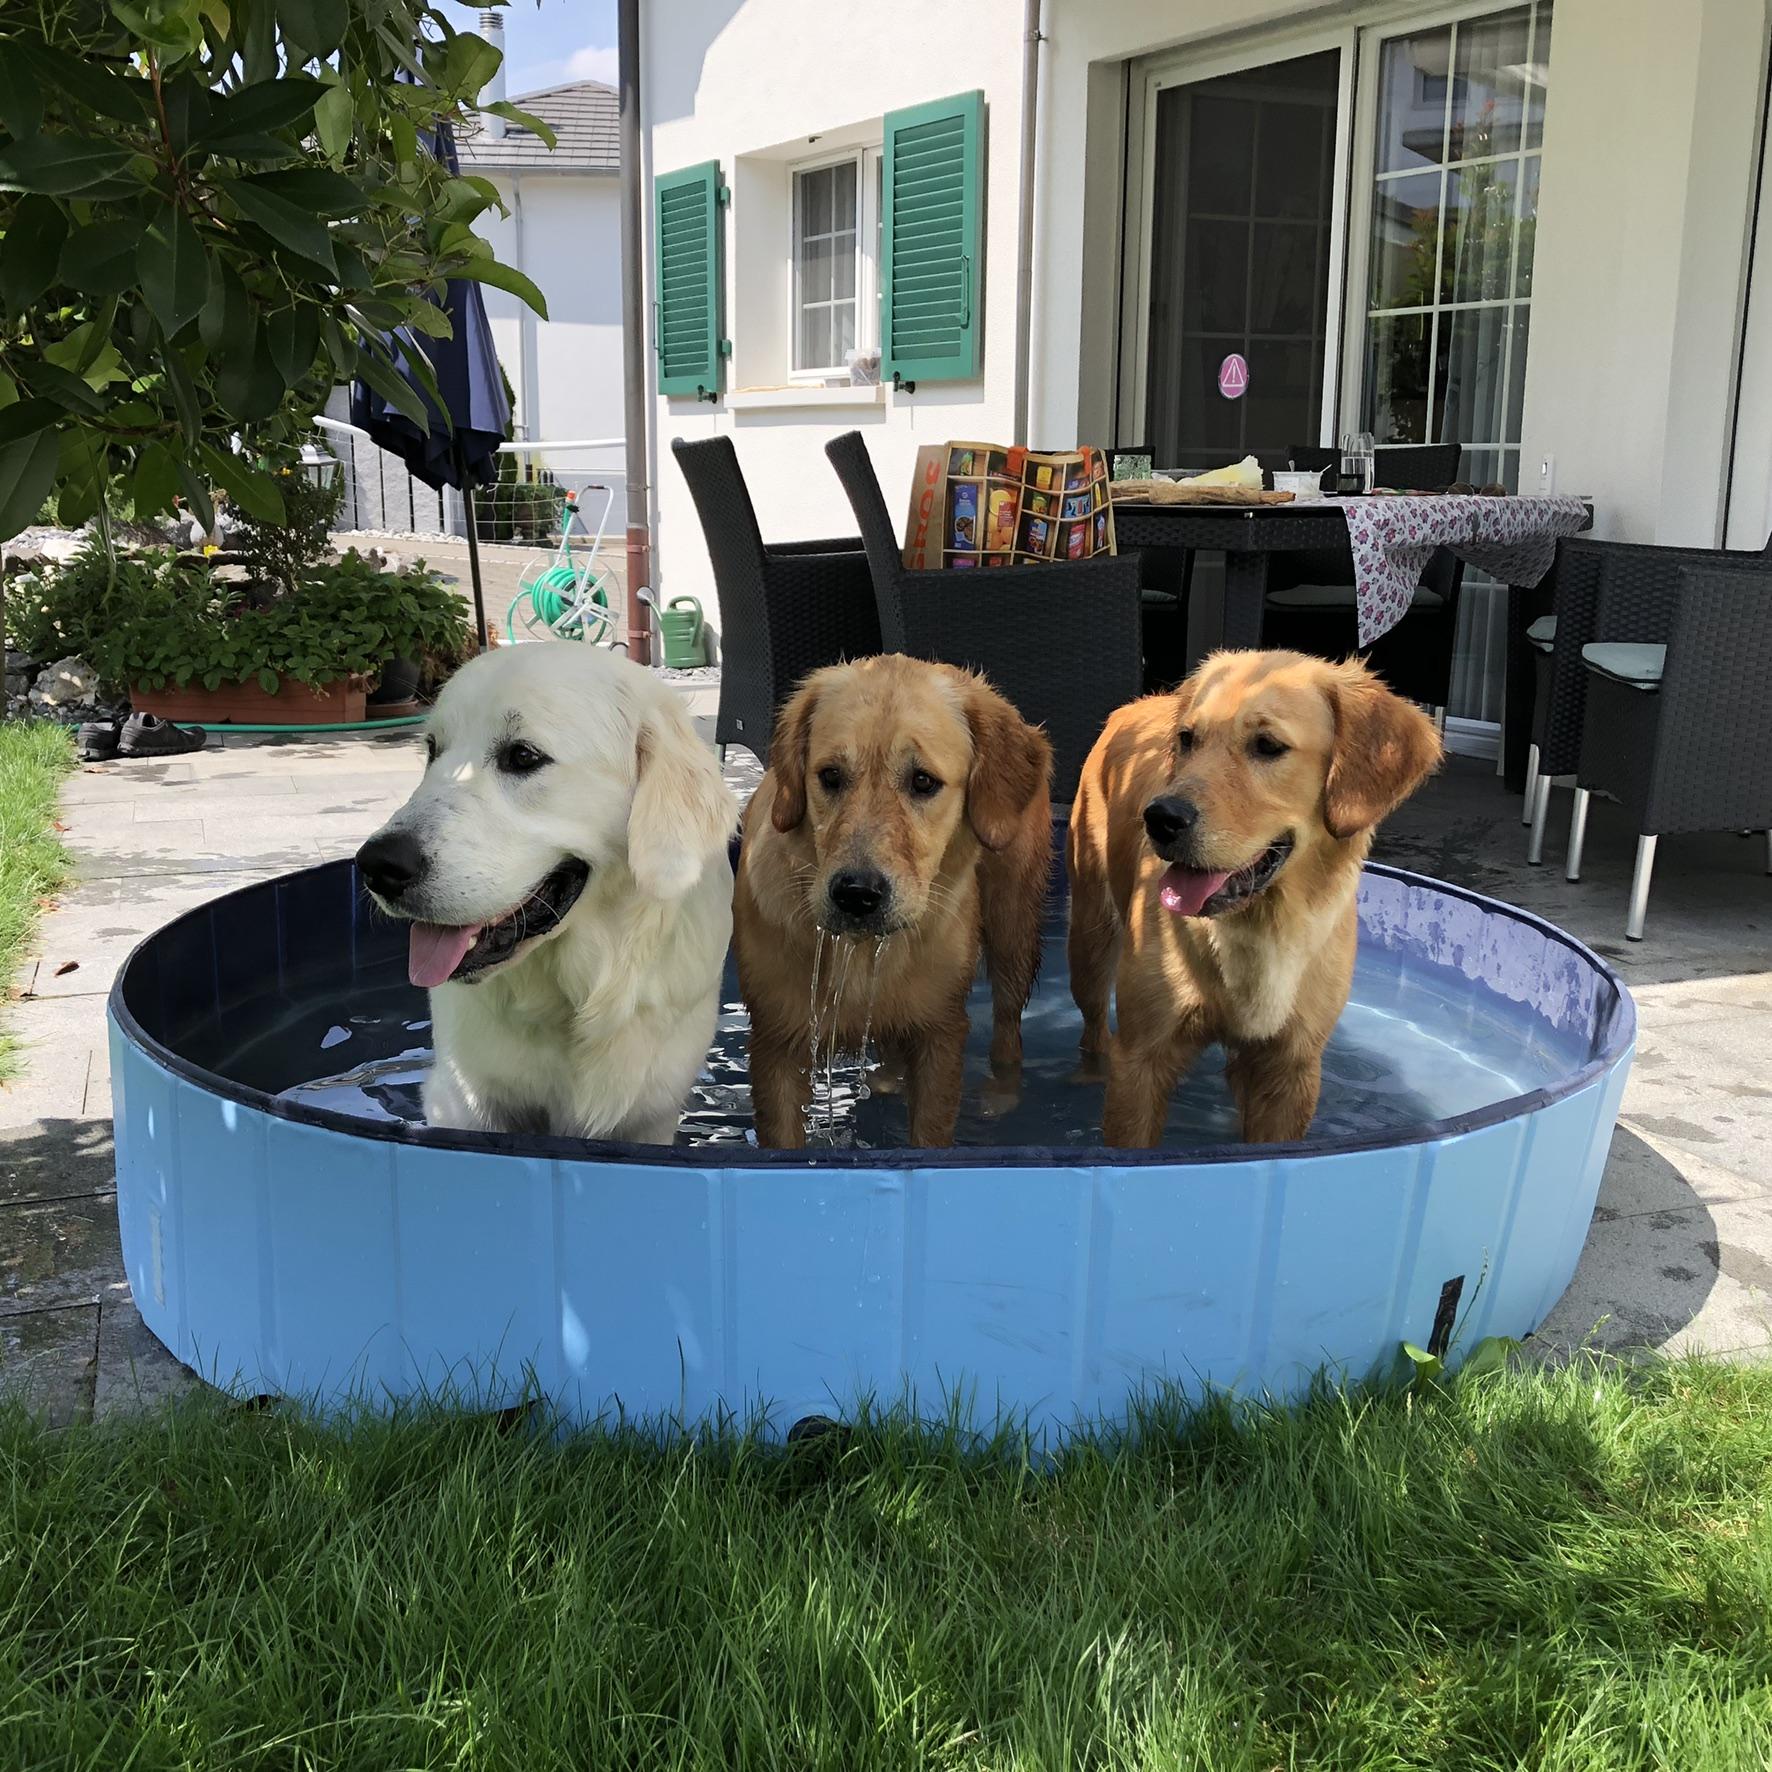 Zusammen mit Fly und Eira in meinem Pool